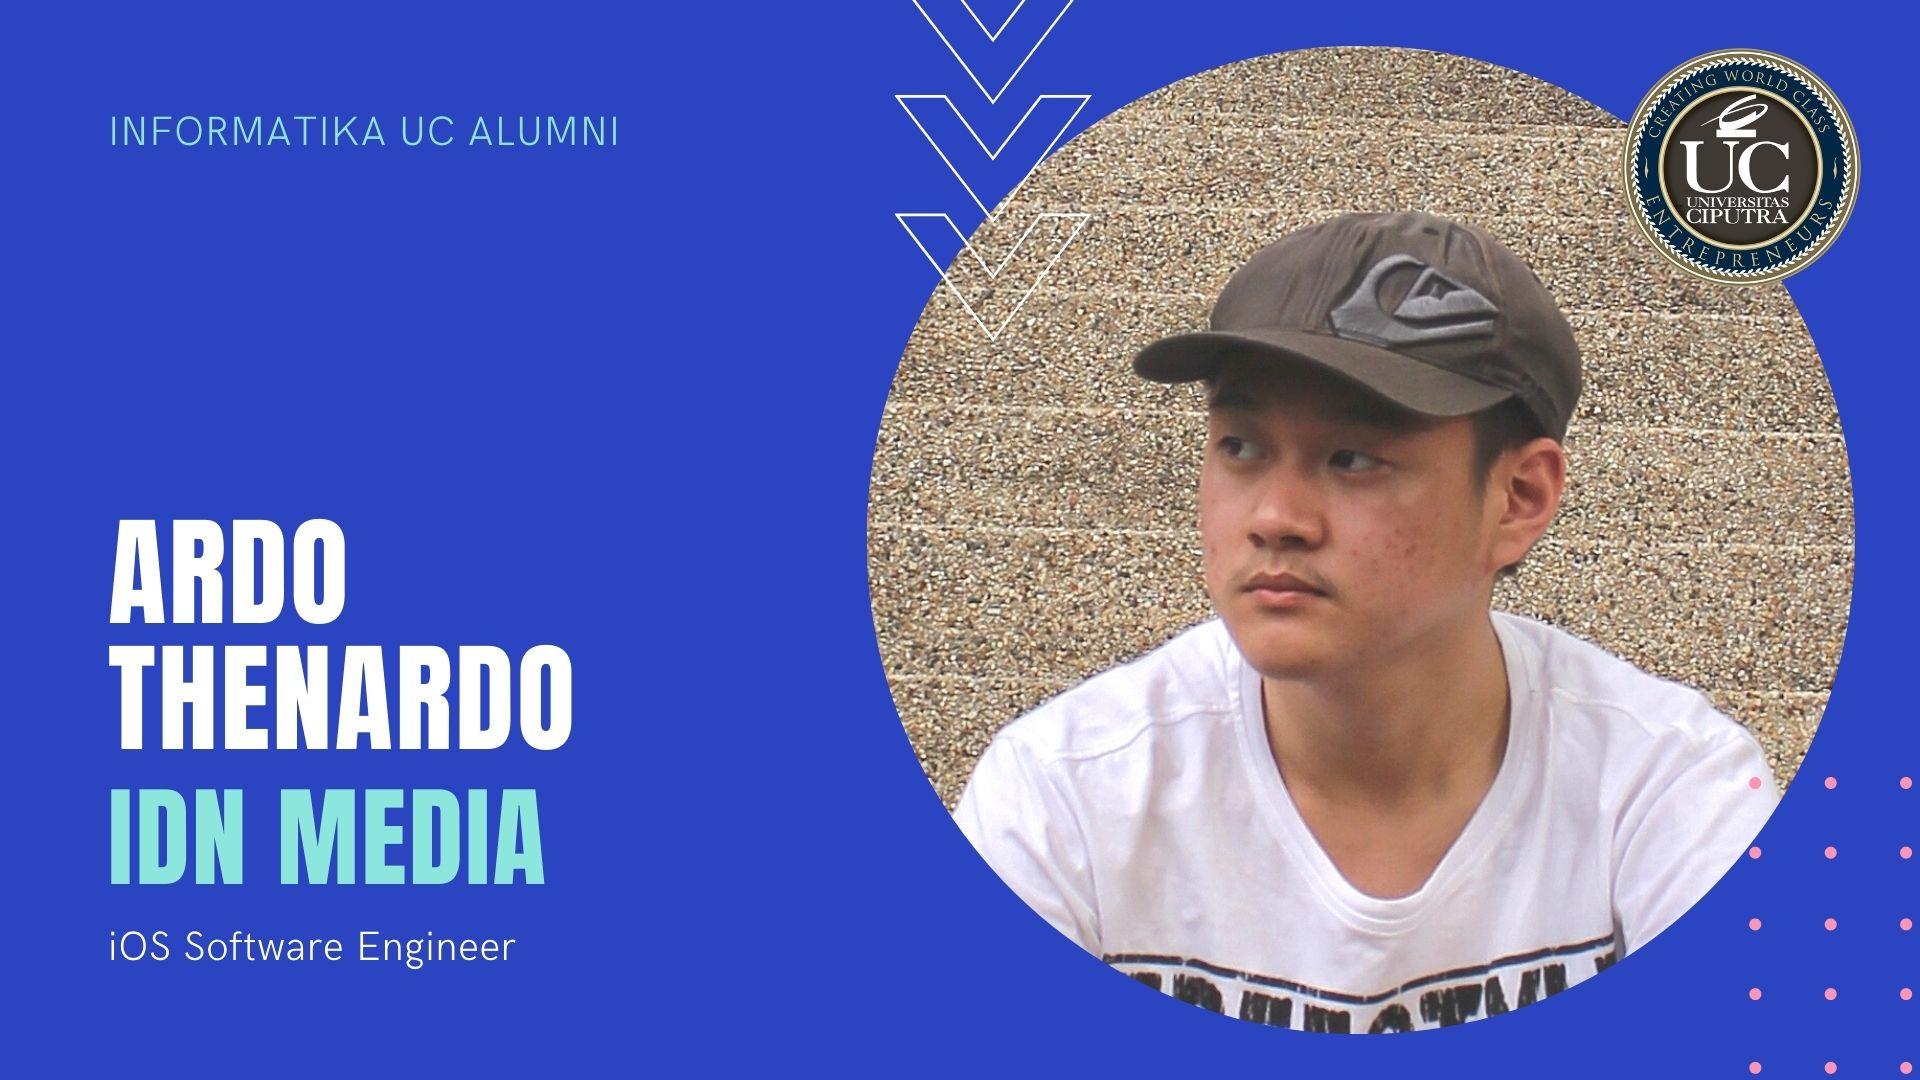 Ardo Thenardo - IDN Media